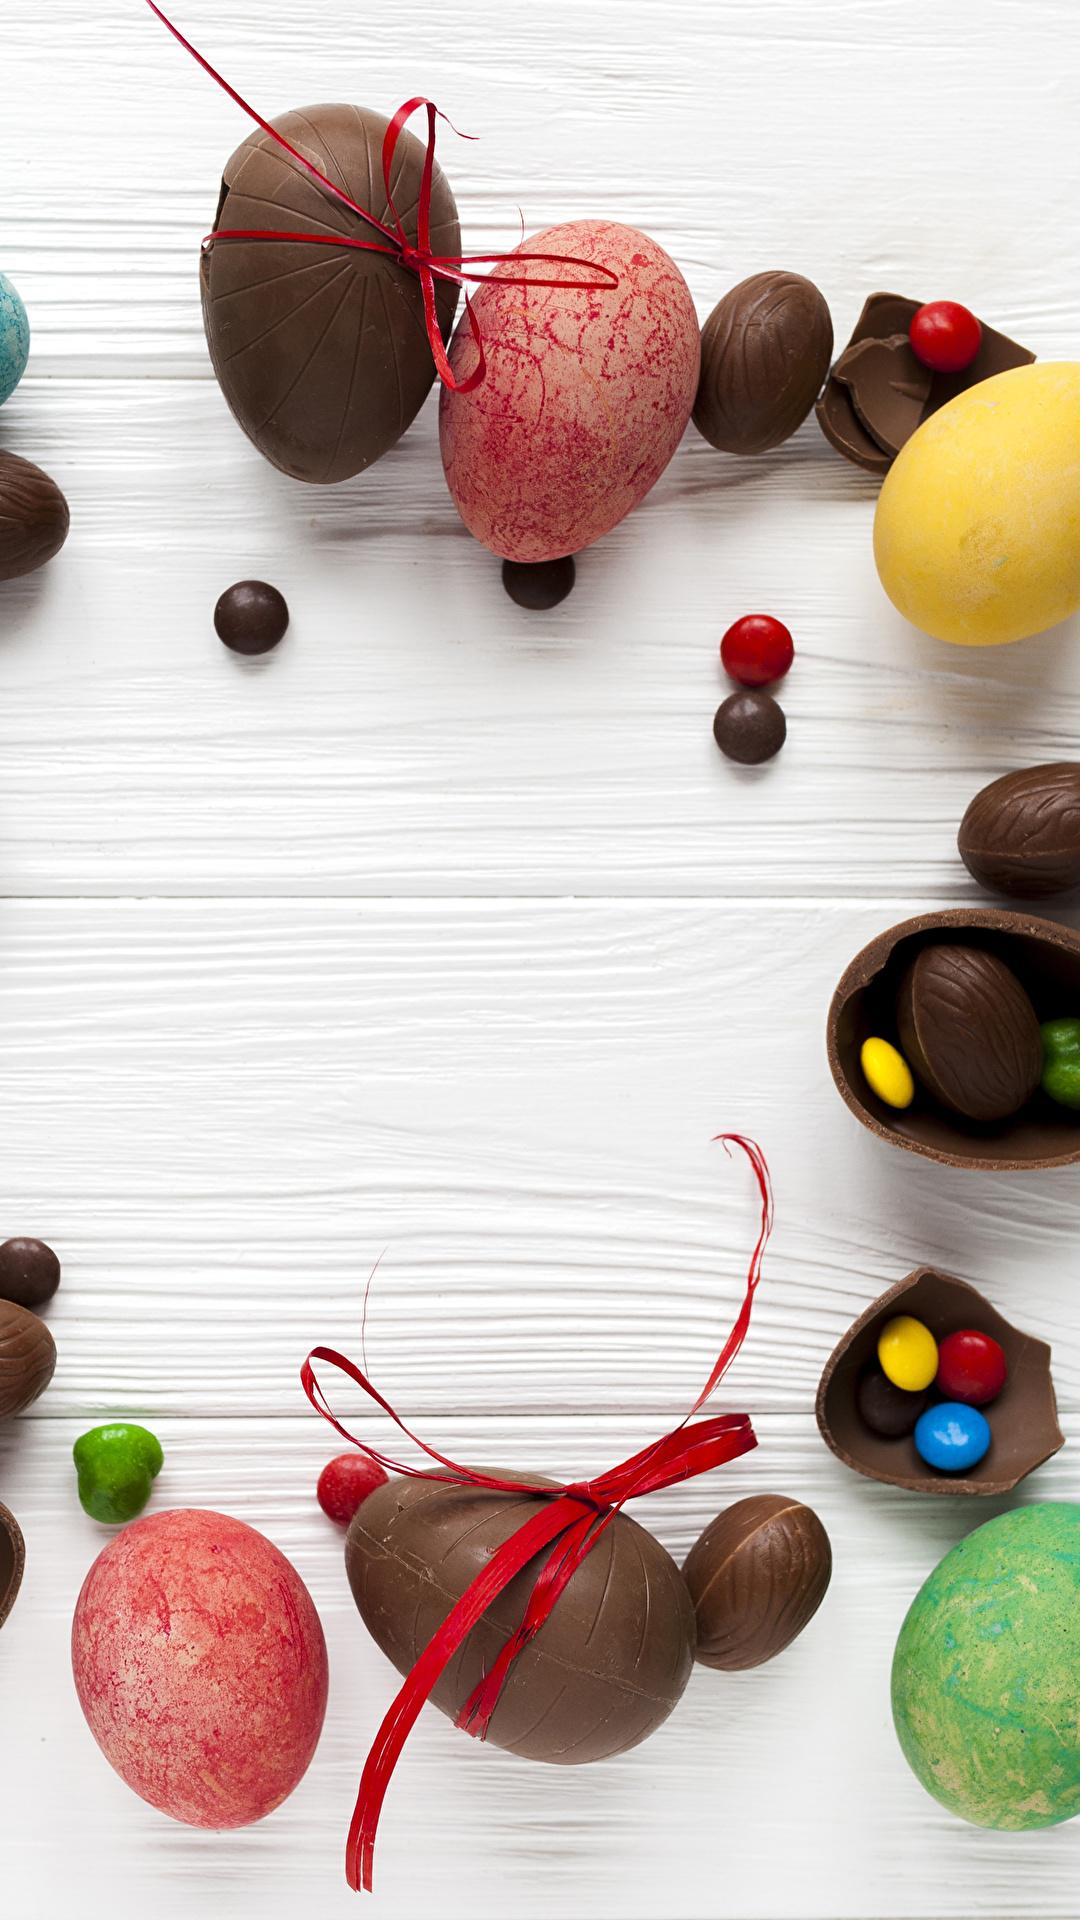 Картинка Пасха яйцо Шоколад Конфеты Еда Сладости Доски 1080x1920 для мобильного телефона яиц Яйца яйцами Пища Продукты питания сладкая еда